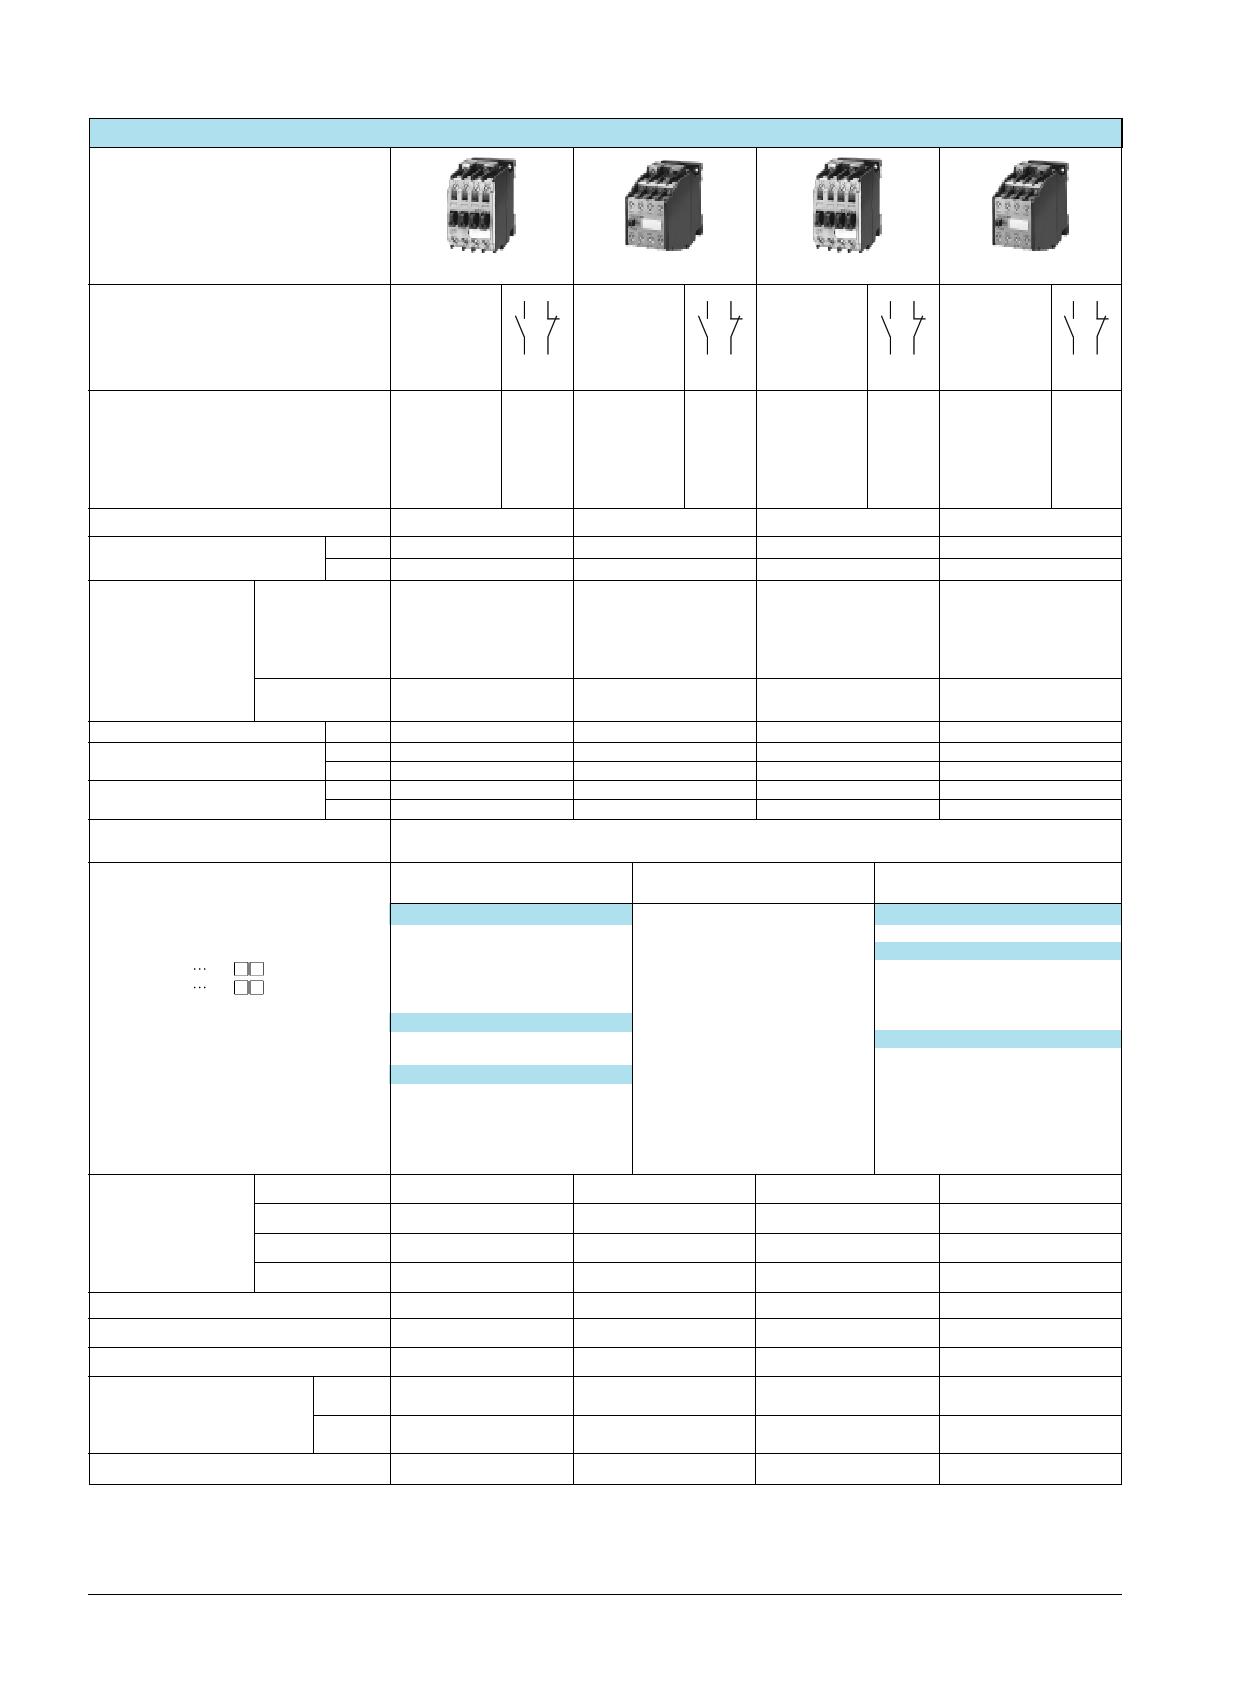 3TF42 Datenblatt PDF